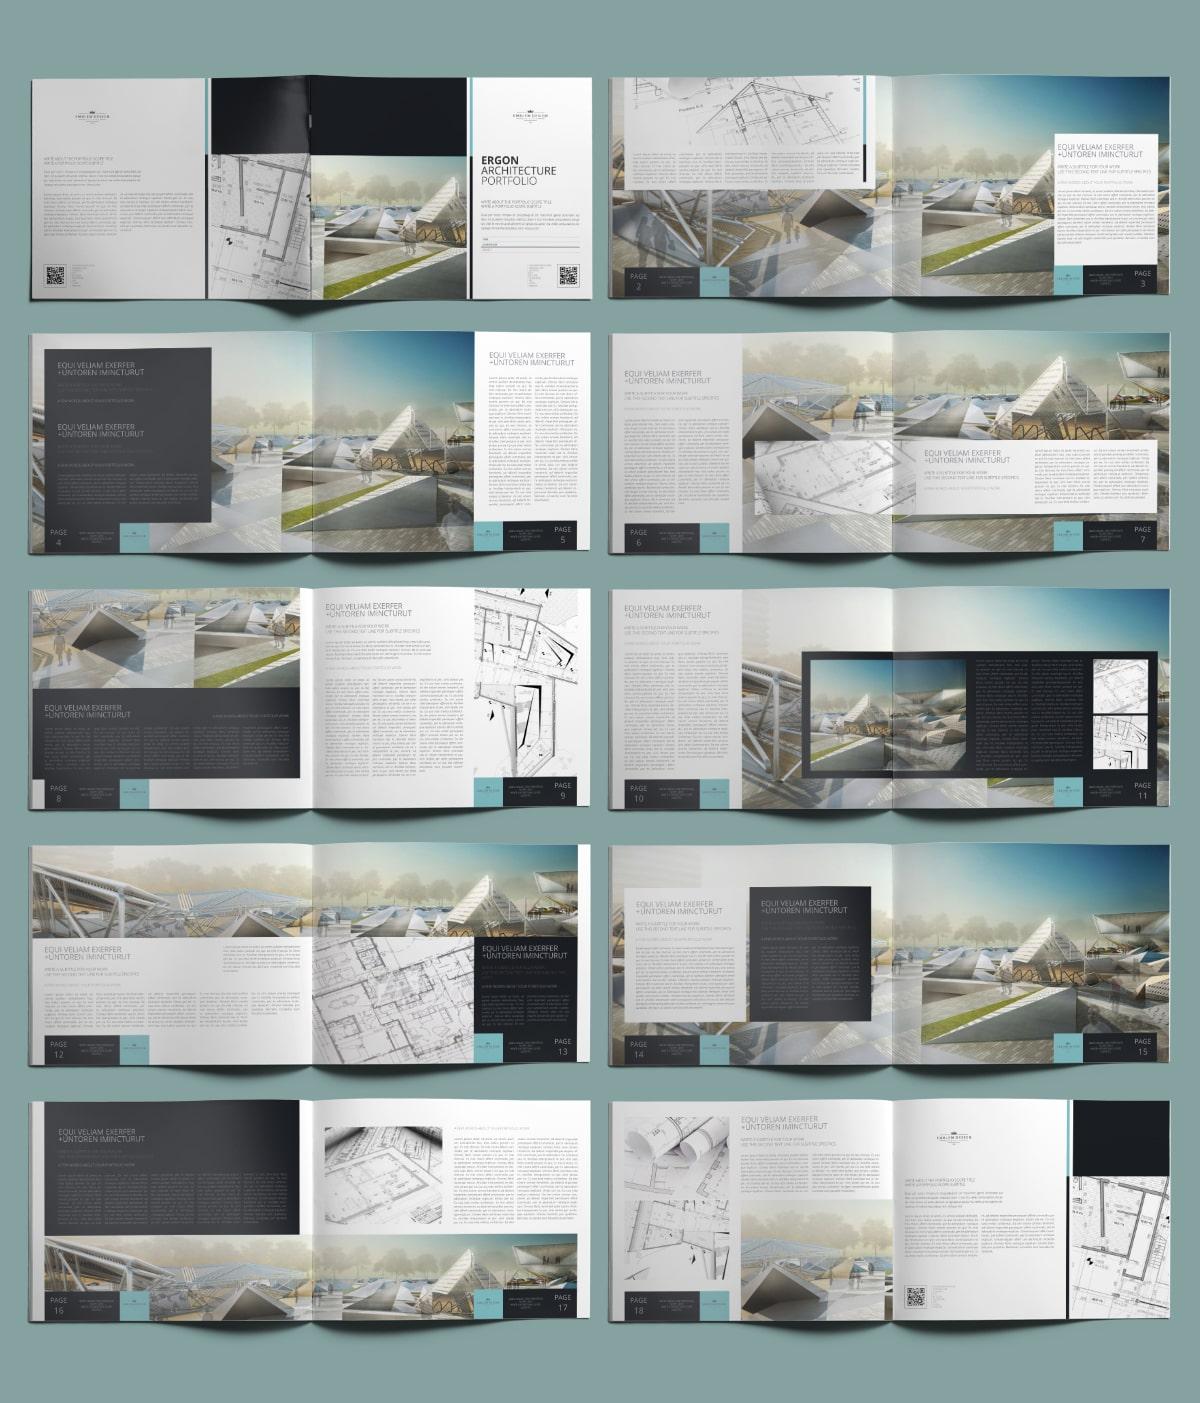 Ergon Architecture Portfolio US Letter Landscape - Layouts